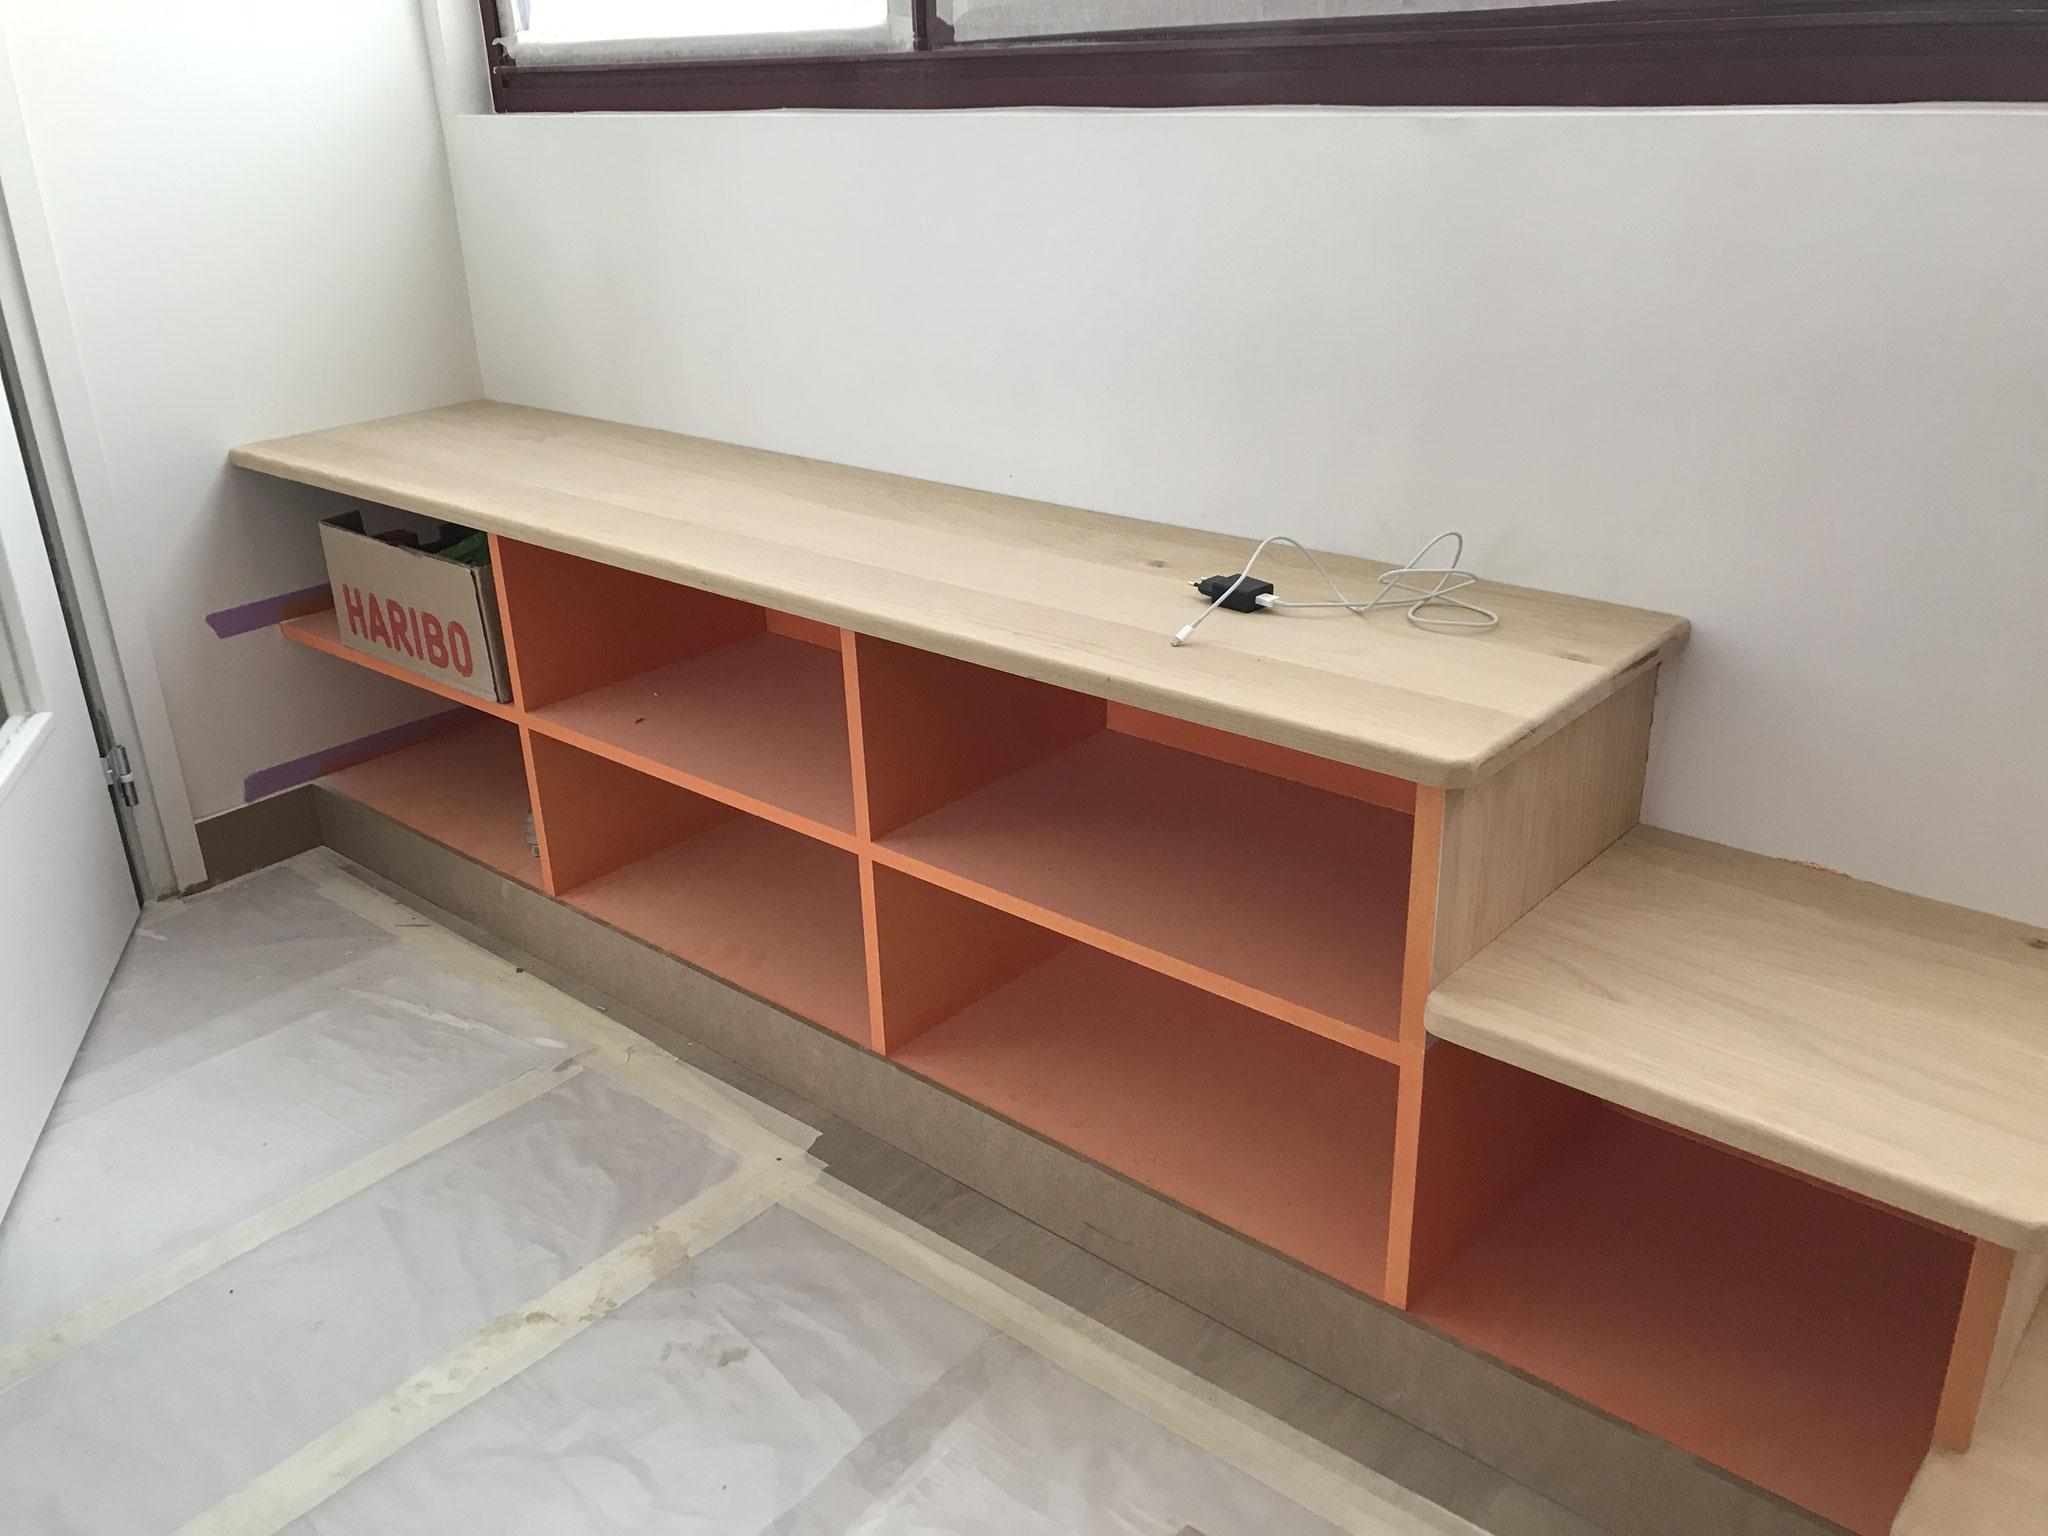 Le 14 février : le menuisier peaufine les arrondis des meubles